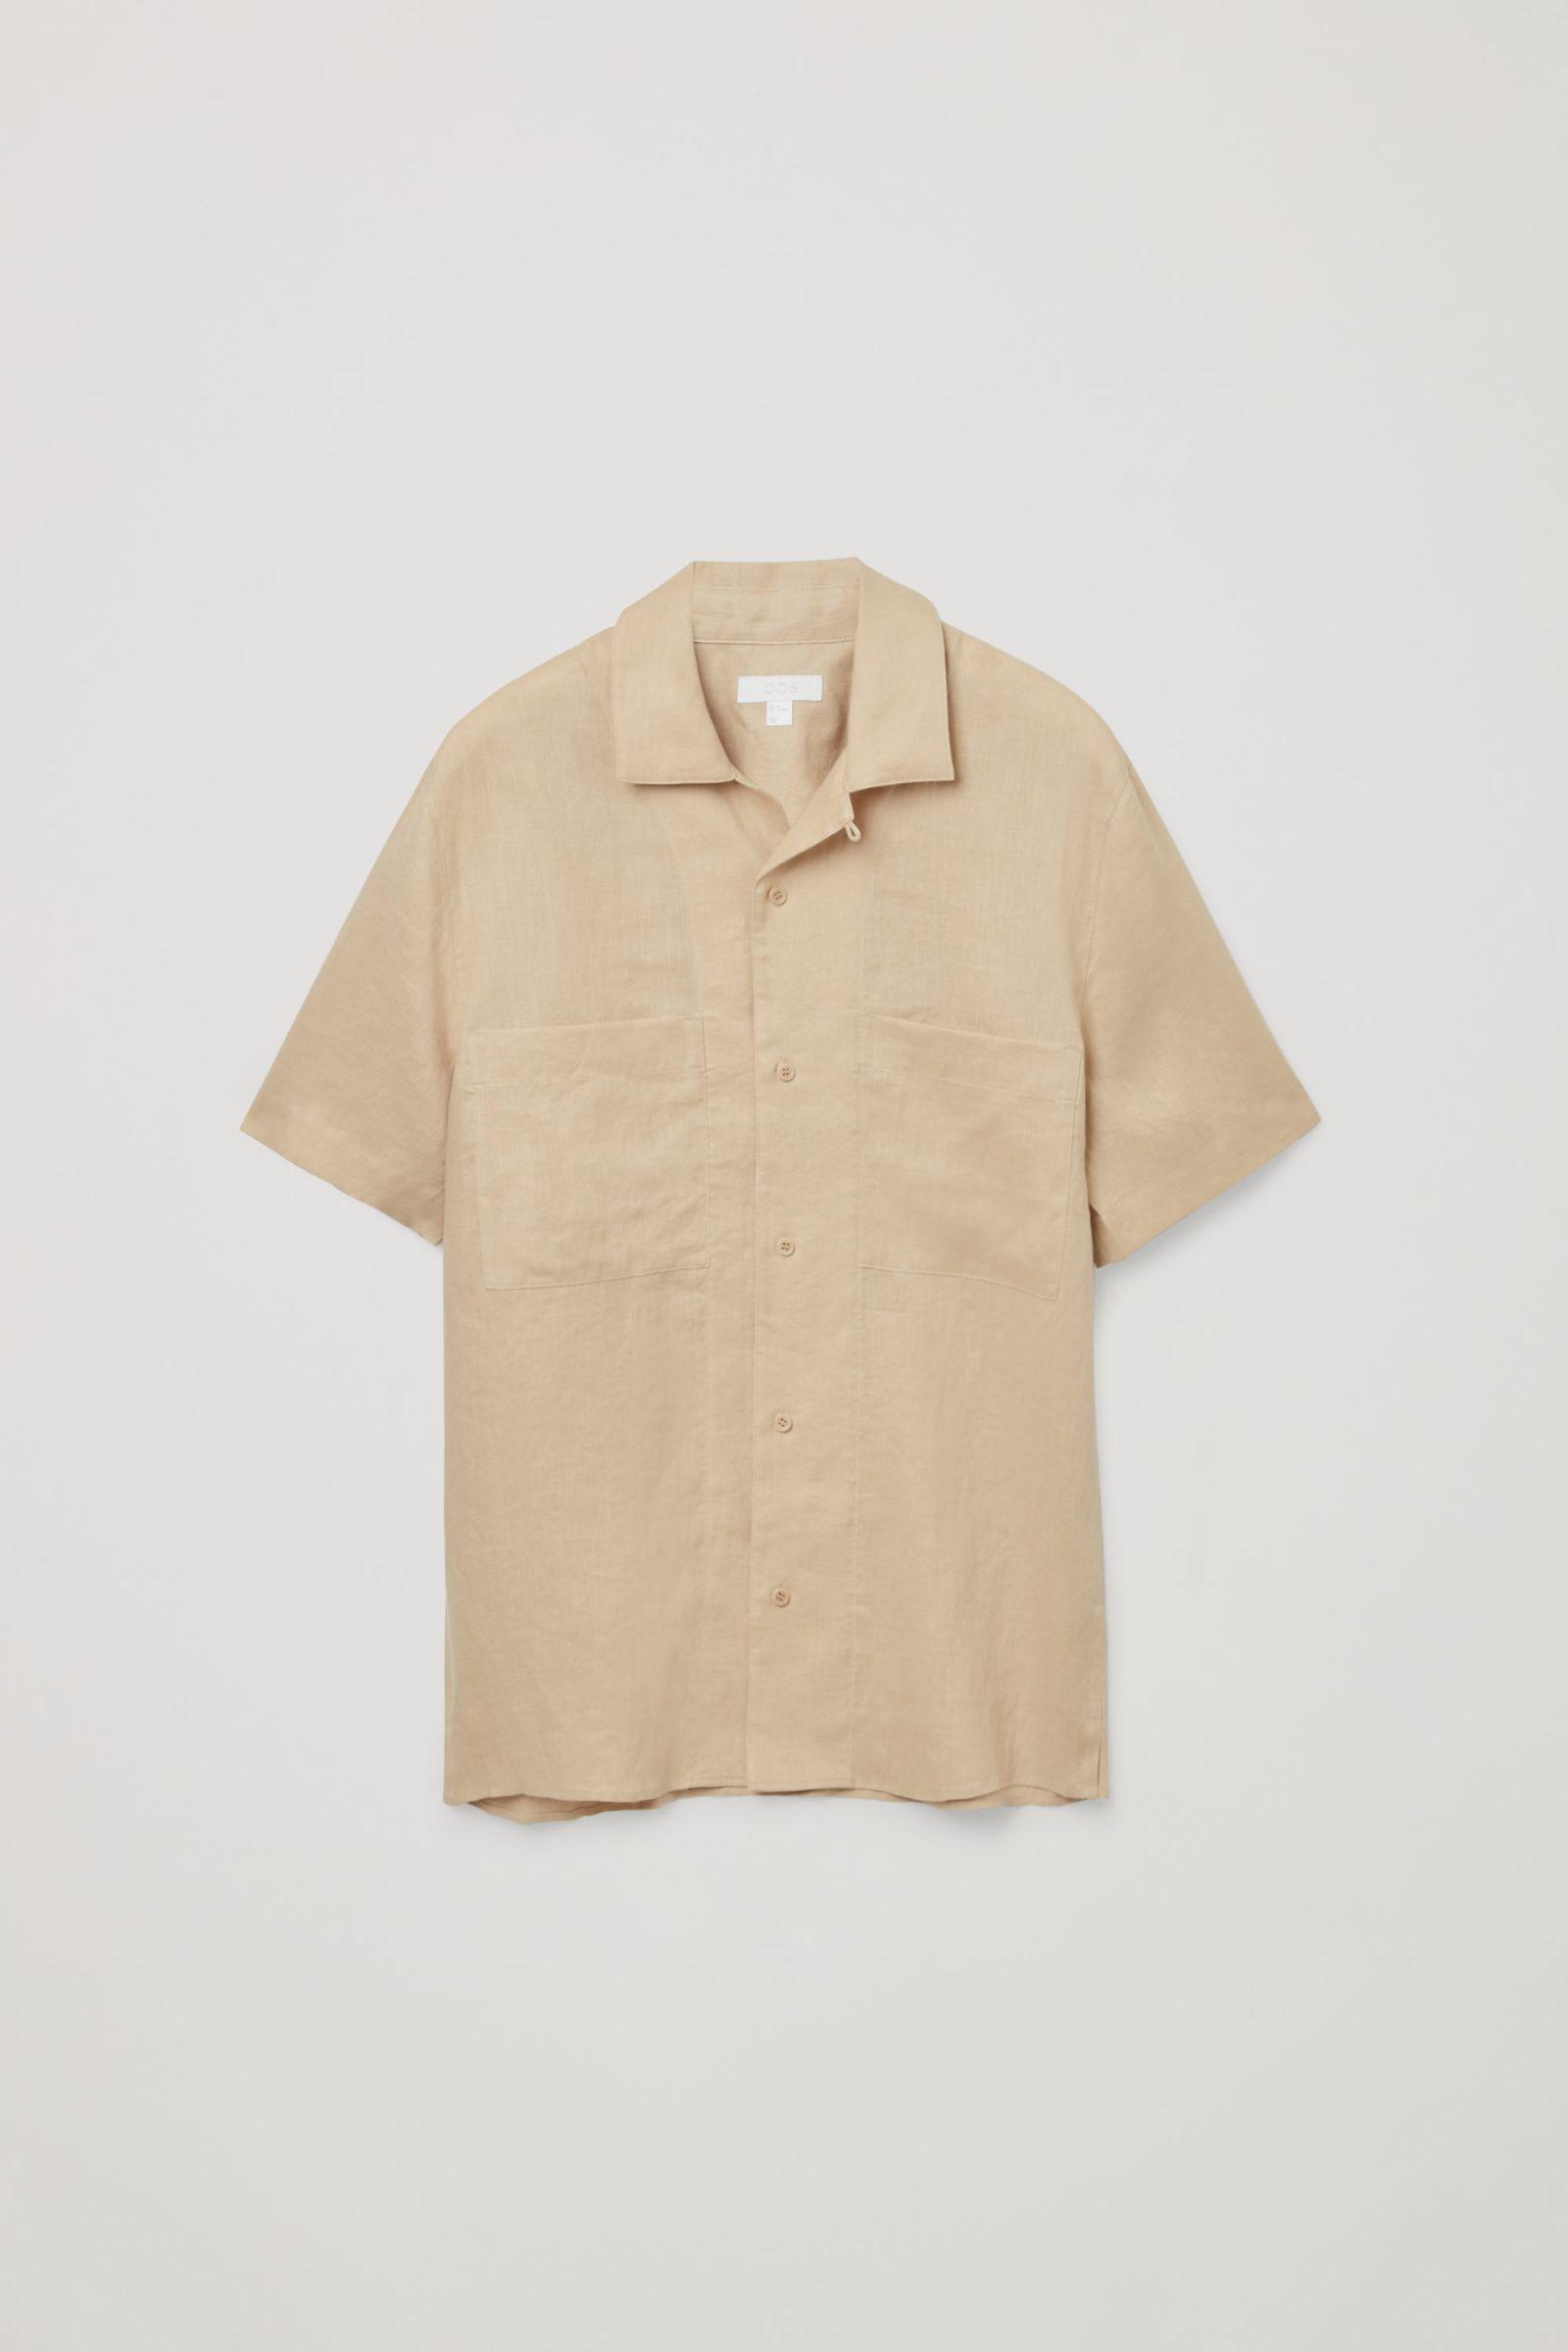 COS 캠프 칼라 쇼트 슬리브 셔츠의 베이지컬러 Product입니다.